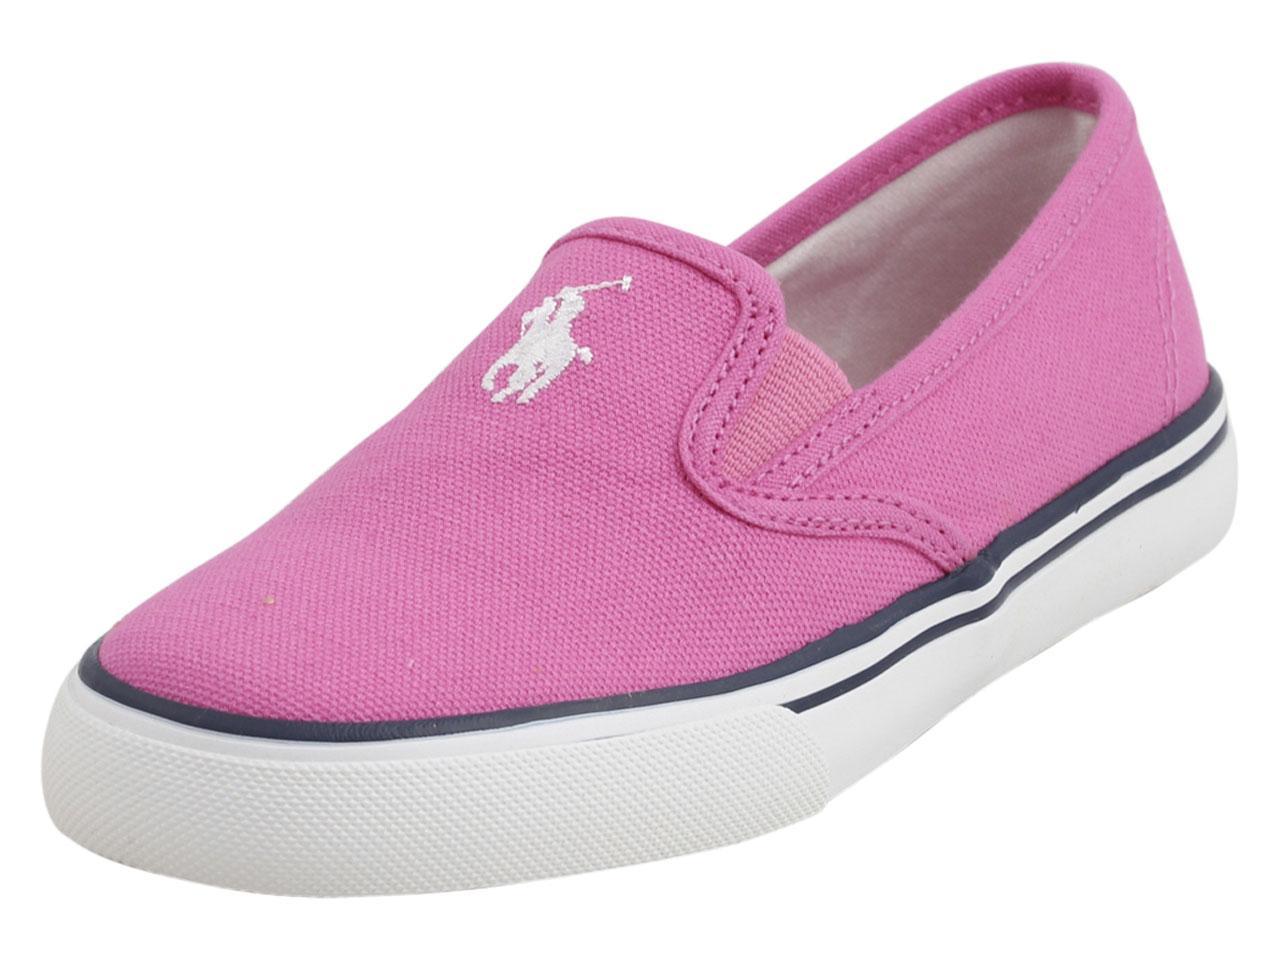 Image of - Baja Pink - 2 M US Little Kid